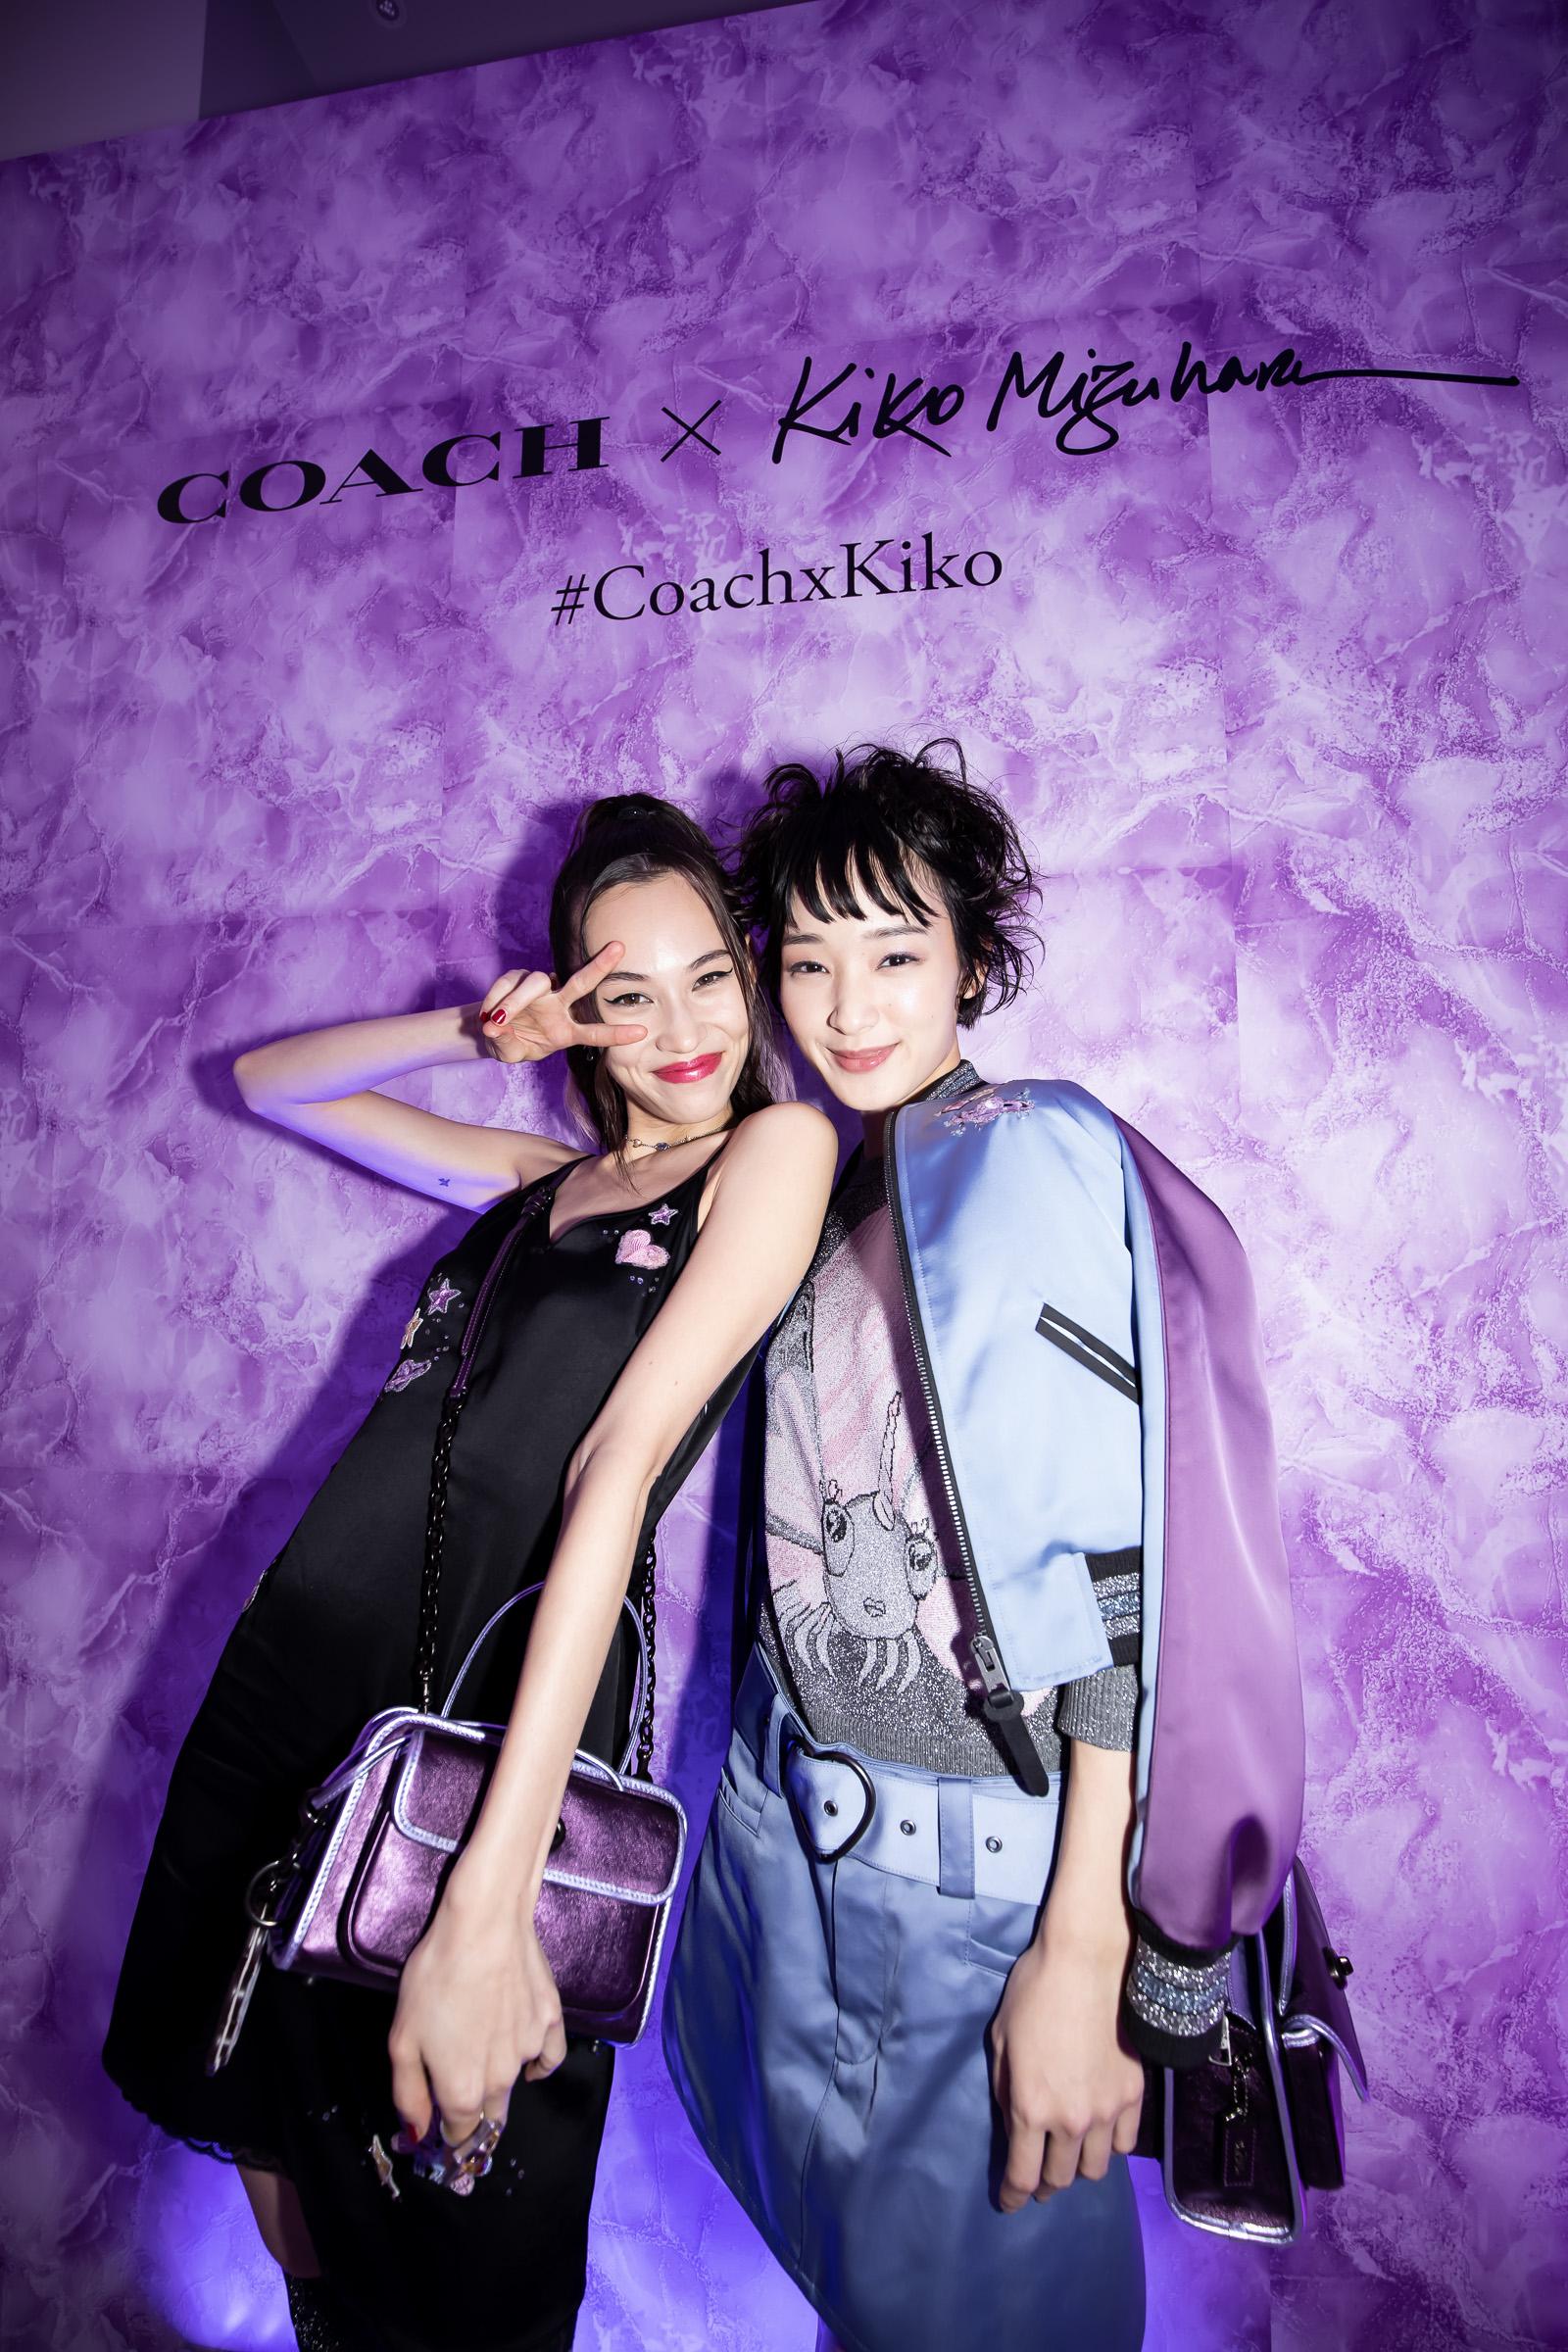 水原希子/2019年7月24日、東京・COACH表参道で行われた『Coach×Kiko Mizuhara Capsule Collection』の発表イベントにて